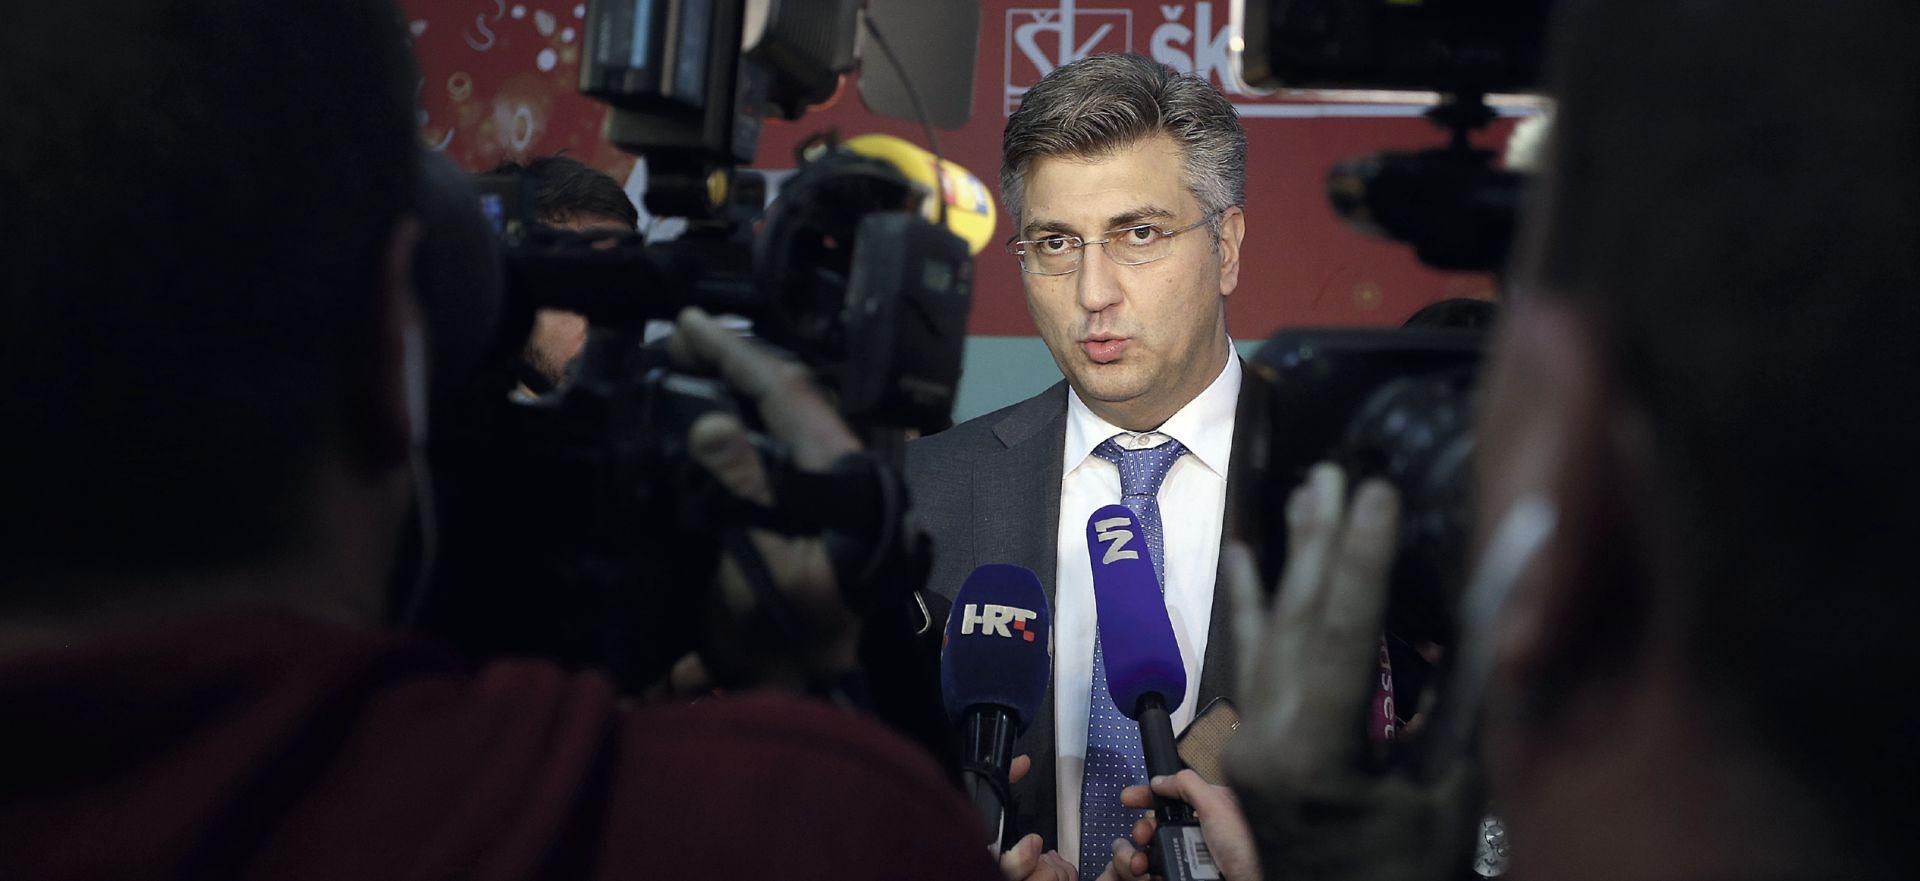 Plenković planira smijeniti Stiera i Kovača – ili raspisati izbore